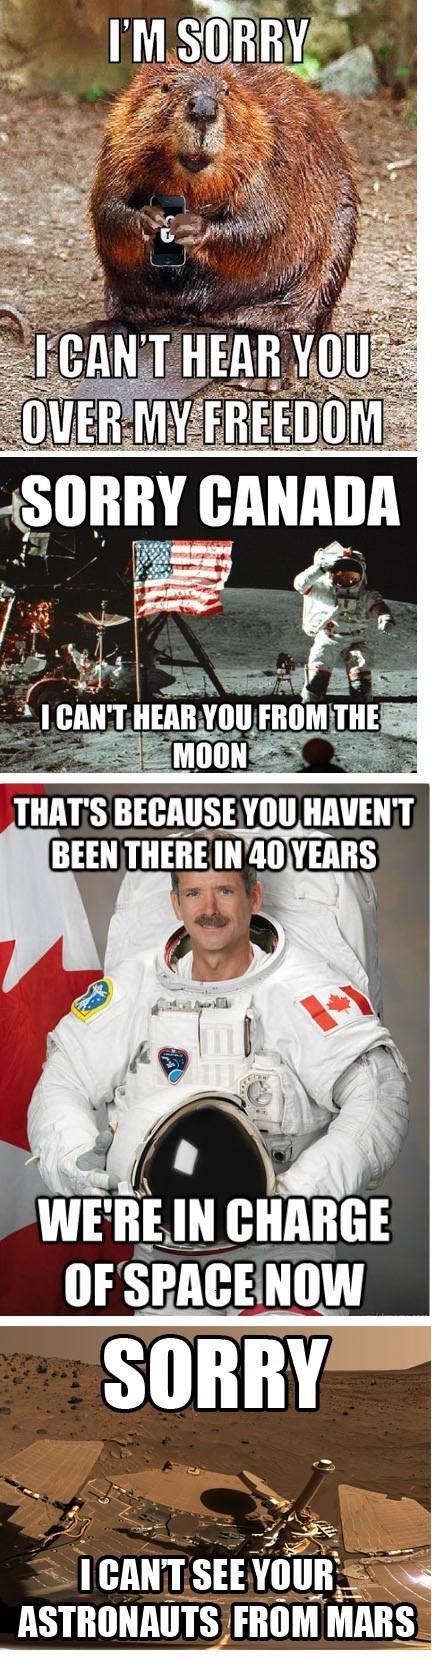 Canada nasa the moon Astronomy space - 8169351424